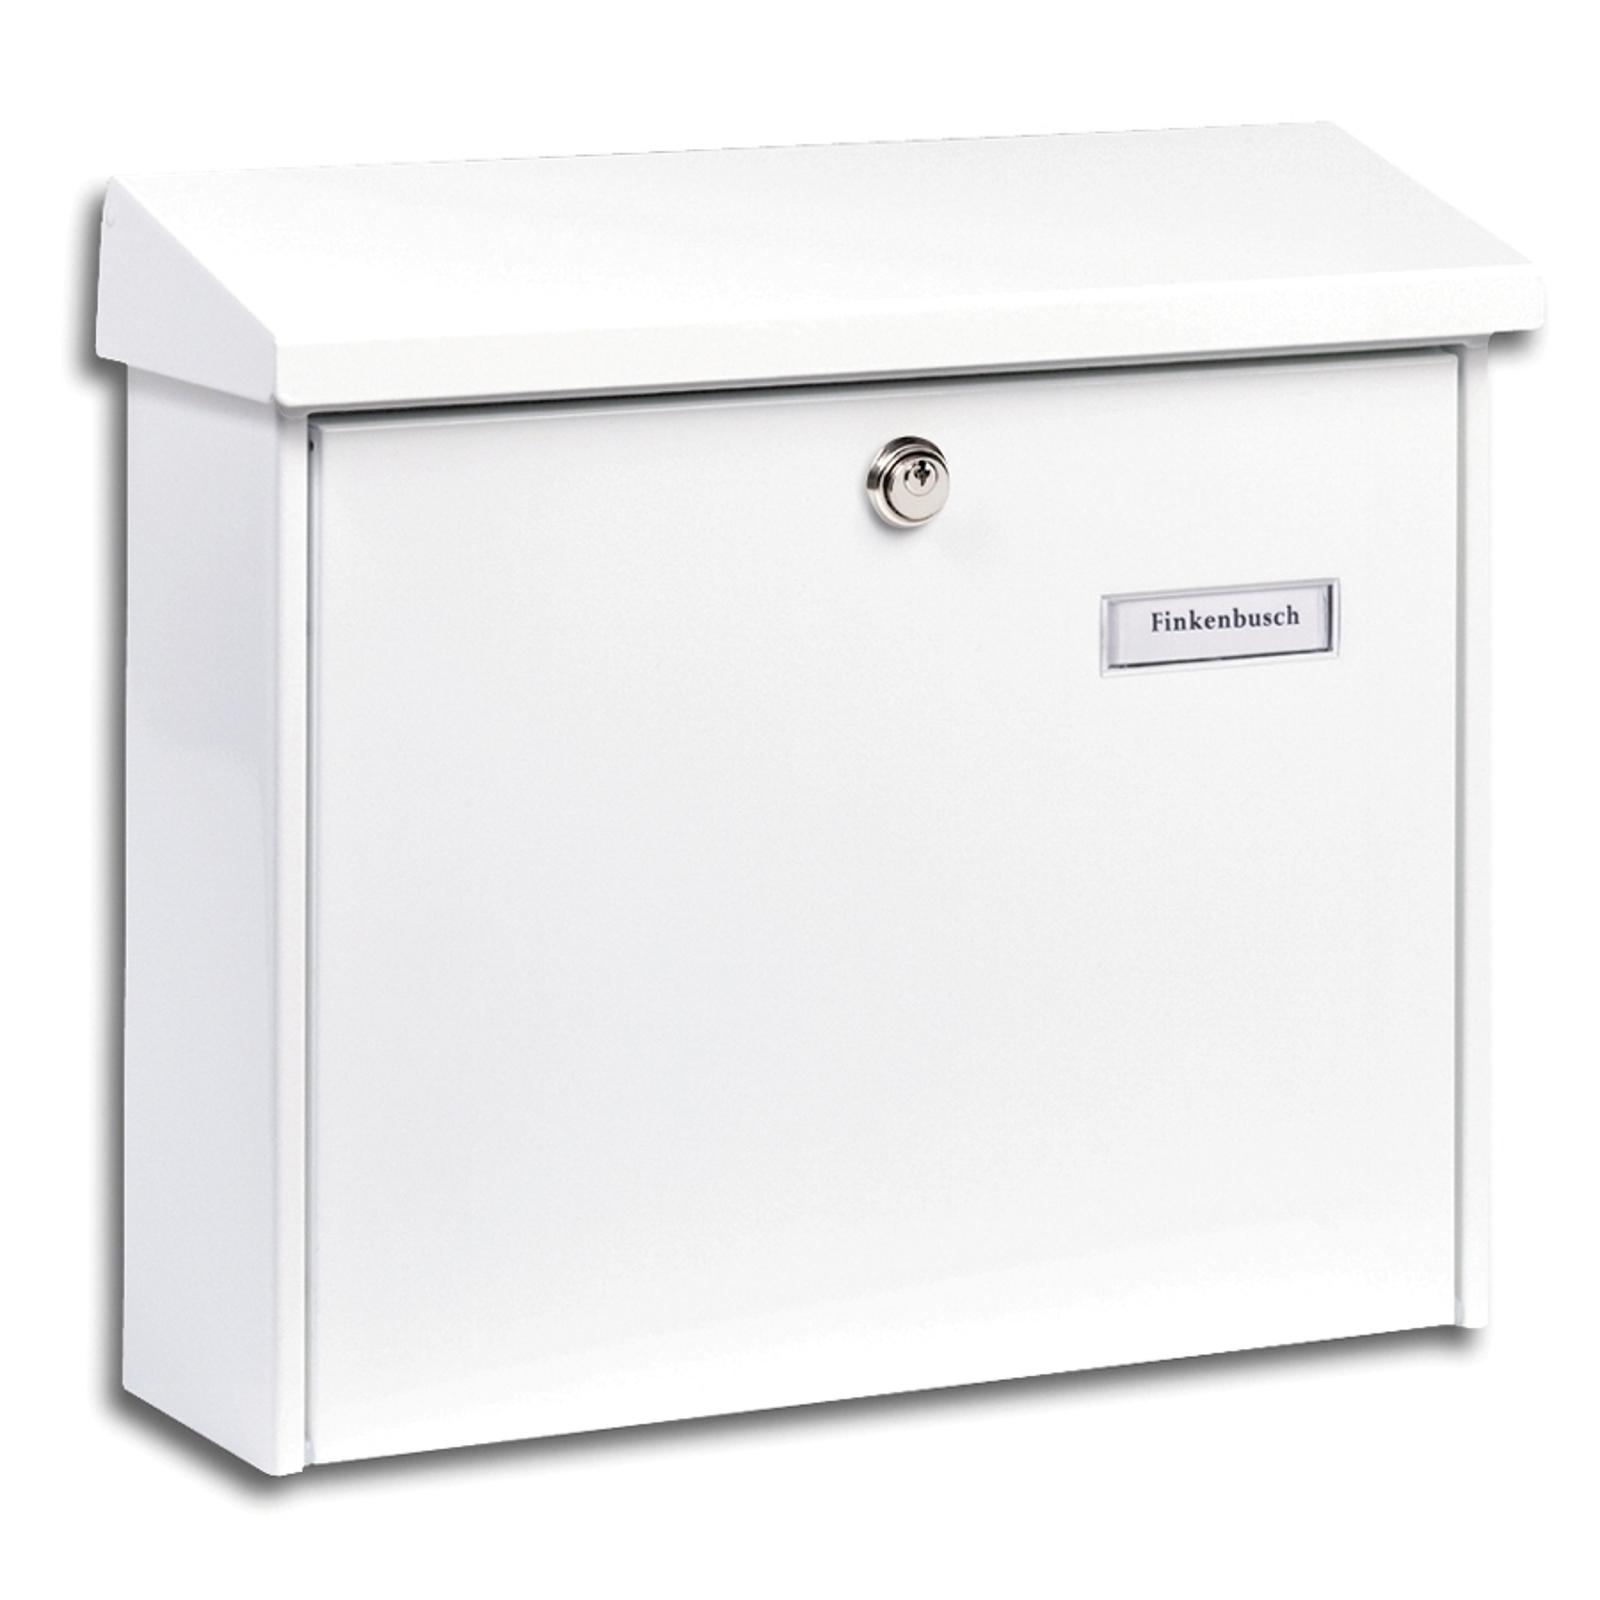 Enkel AMSTERDAM postkasse i hvitt stål